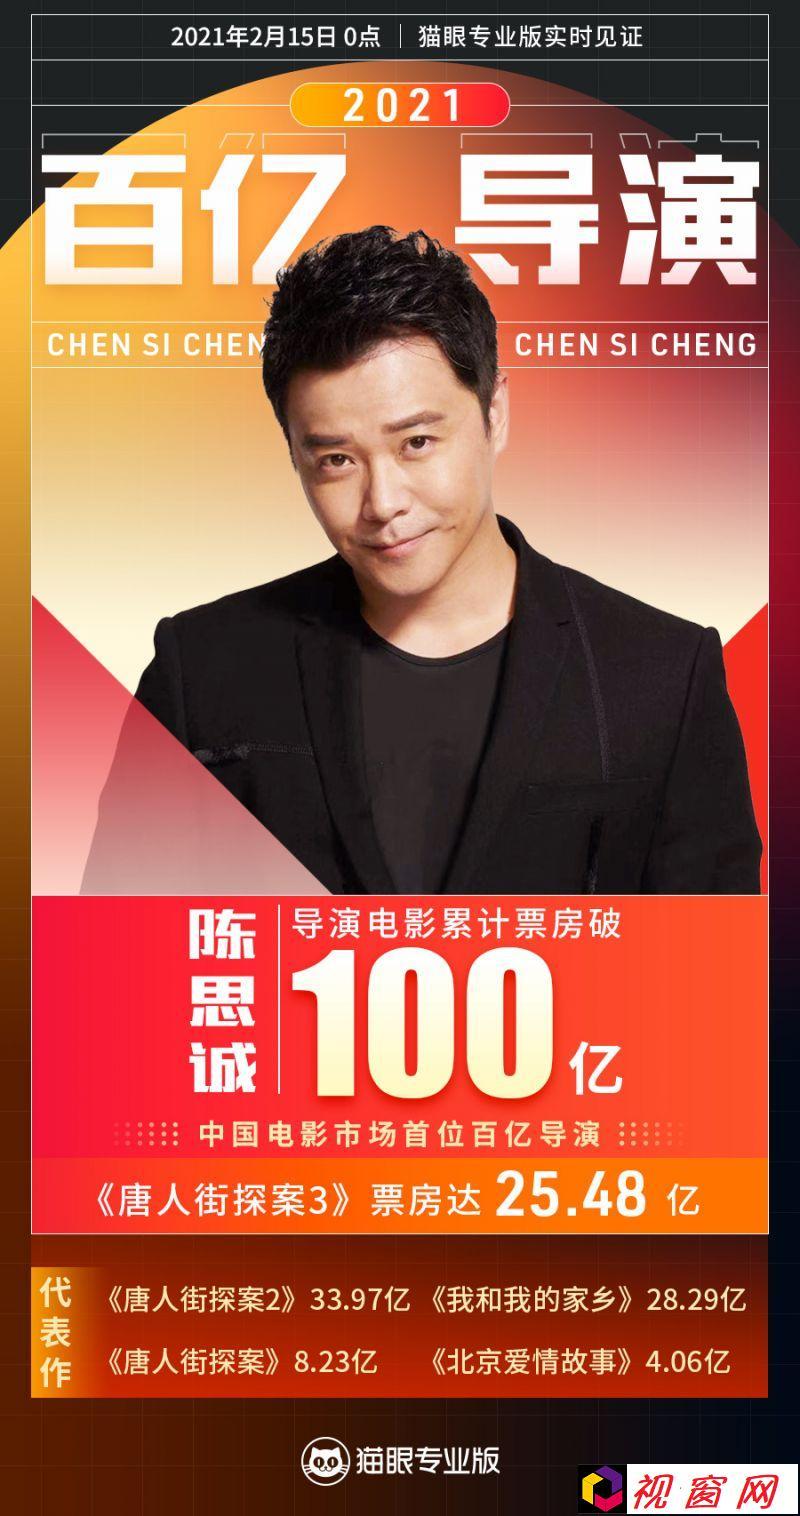 陈思诚成为中国影史首位百亿票房导演!其执导的新作《唐人街探案3》正在热映中!